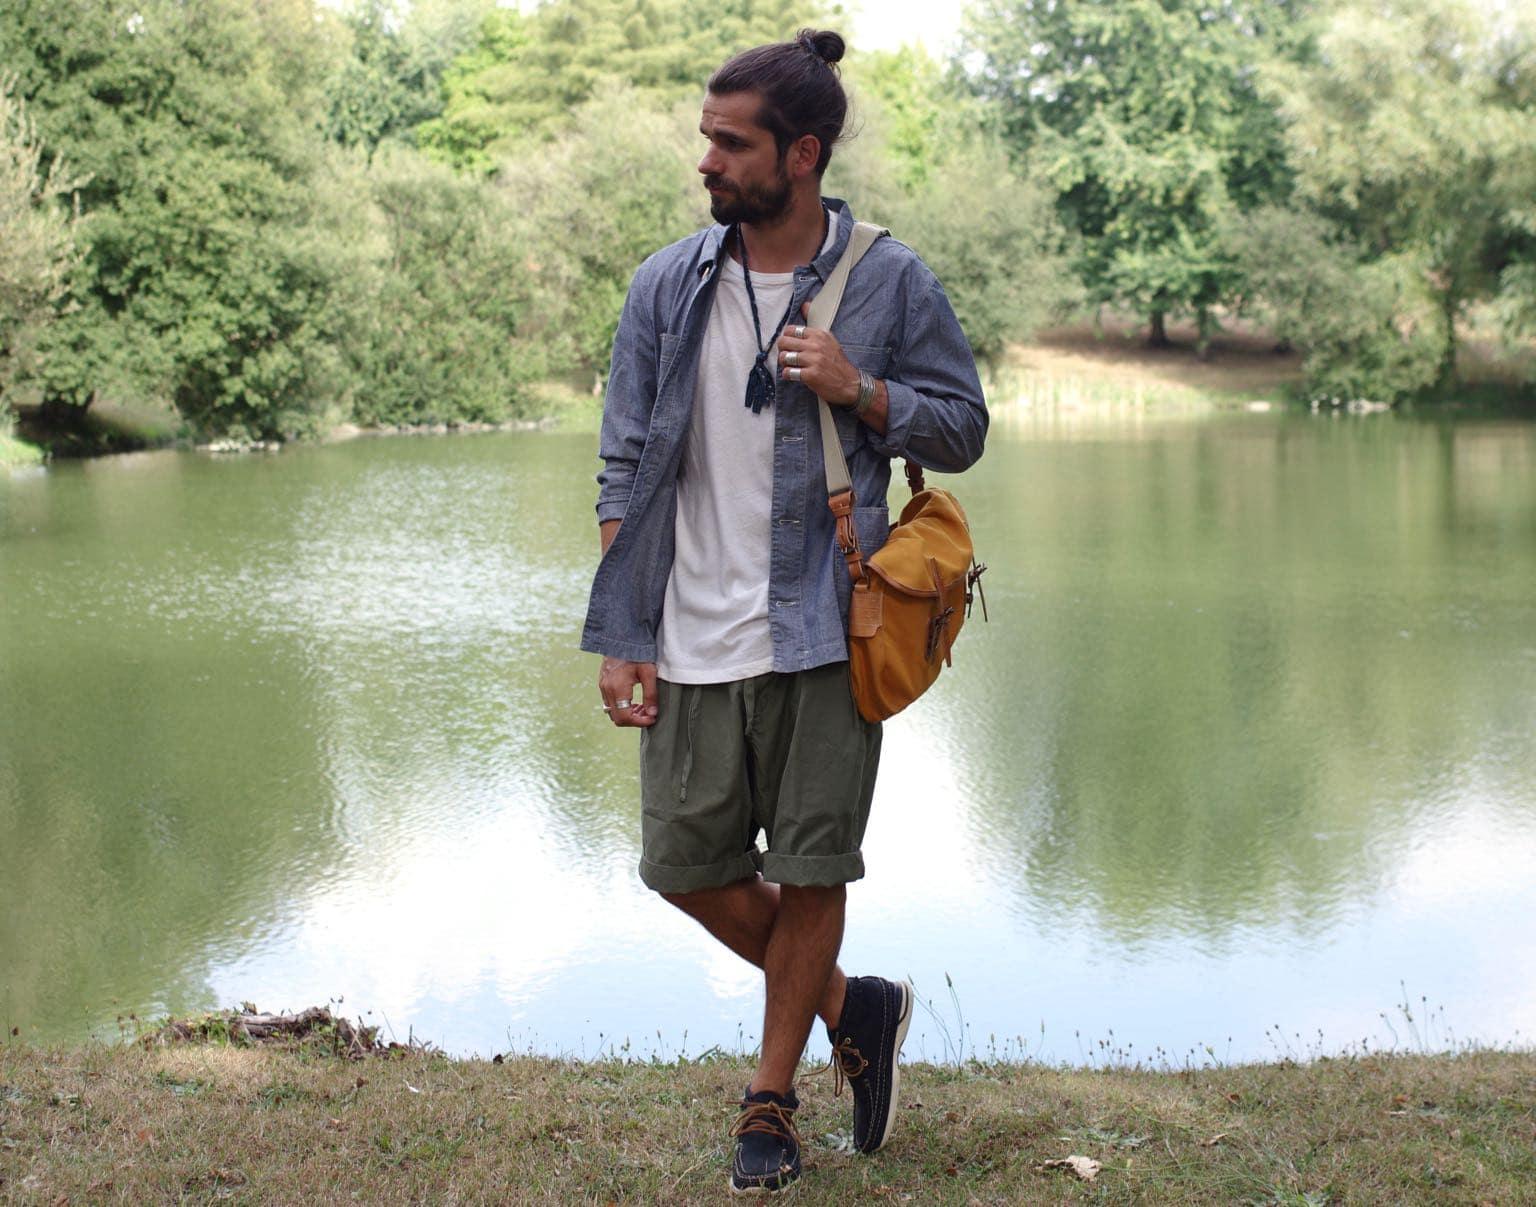 tenue workwear homme pour l'été avec veste de travail en chambray et sac heritage musette pecheur bleu de chauffe